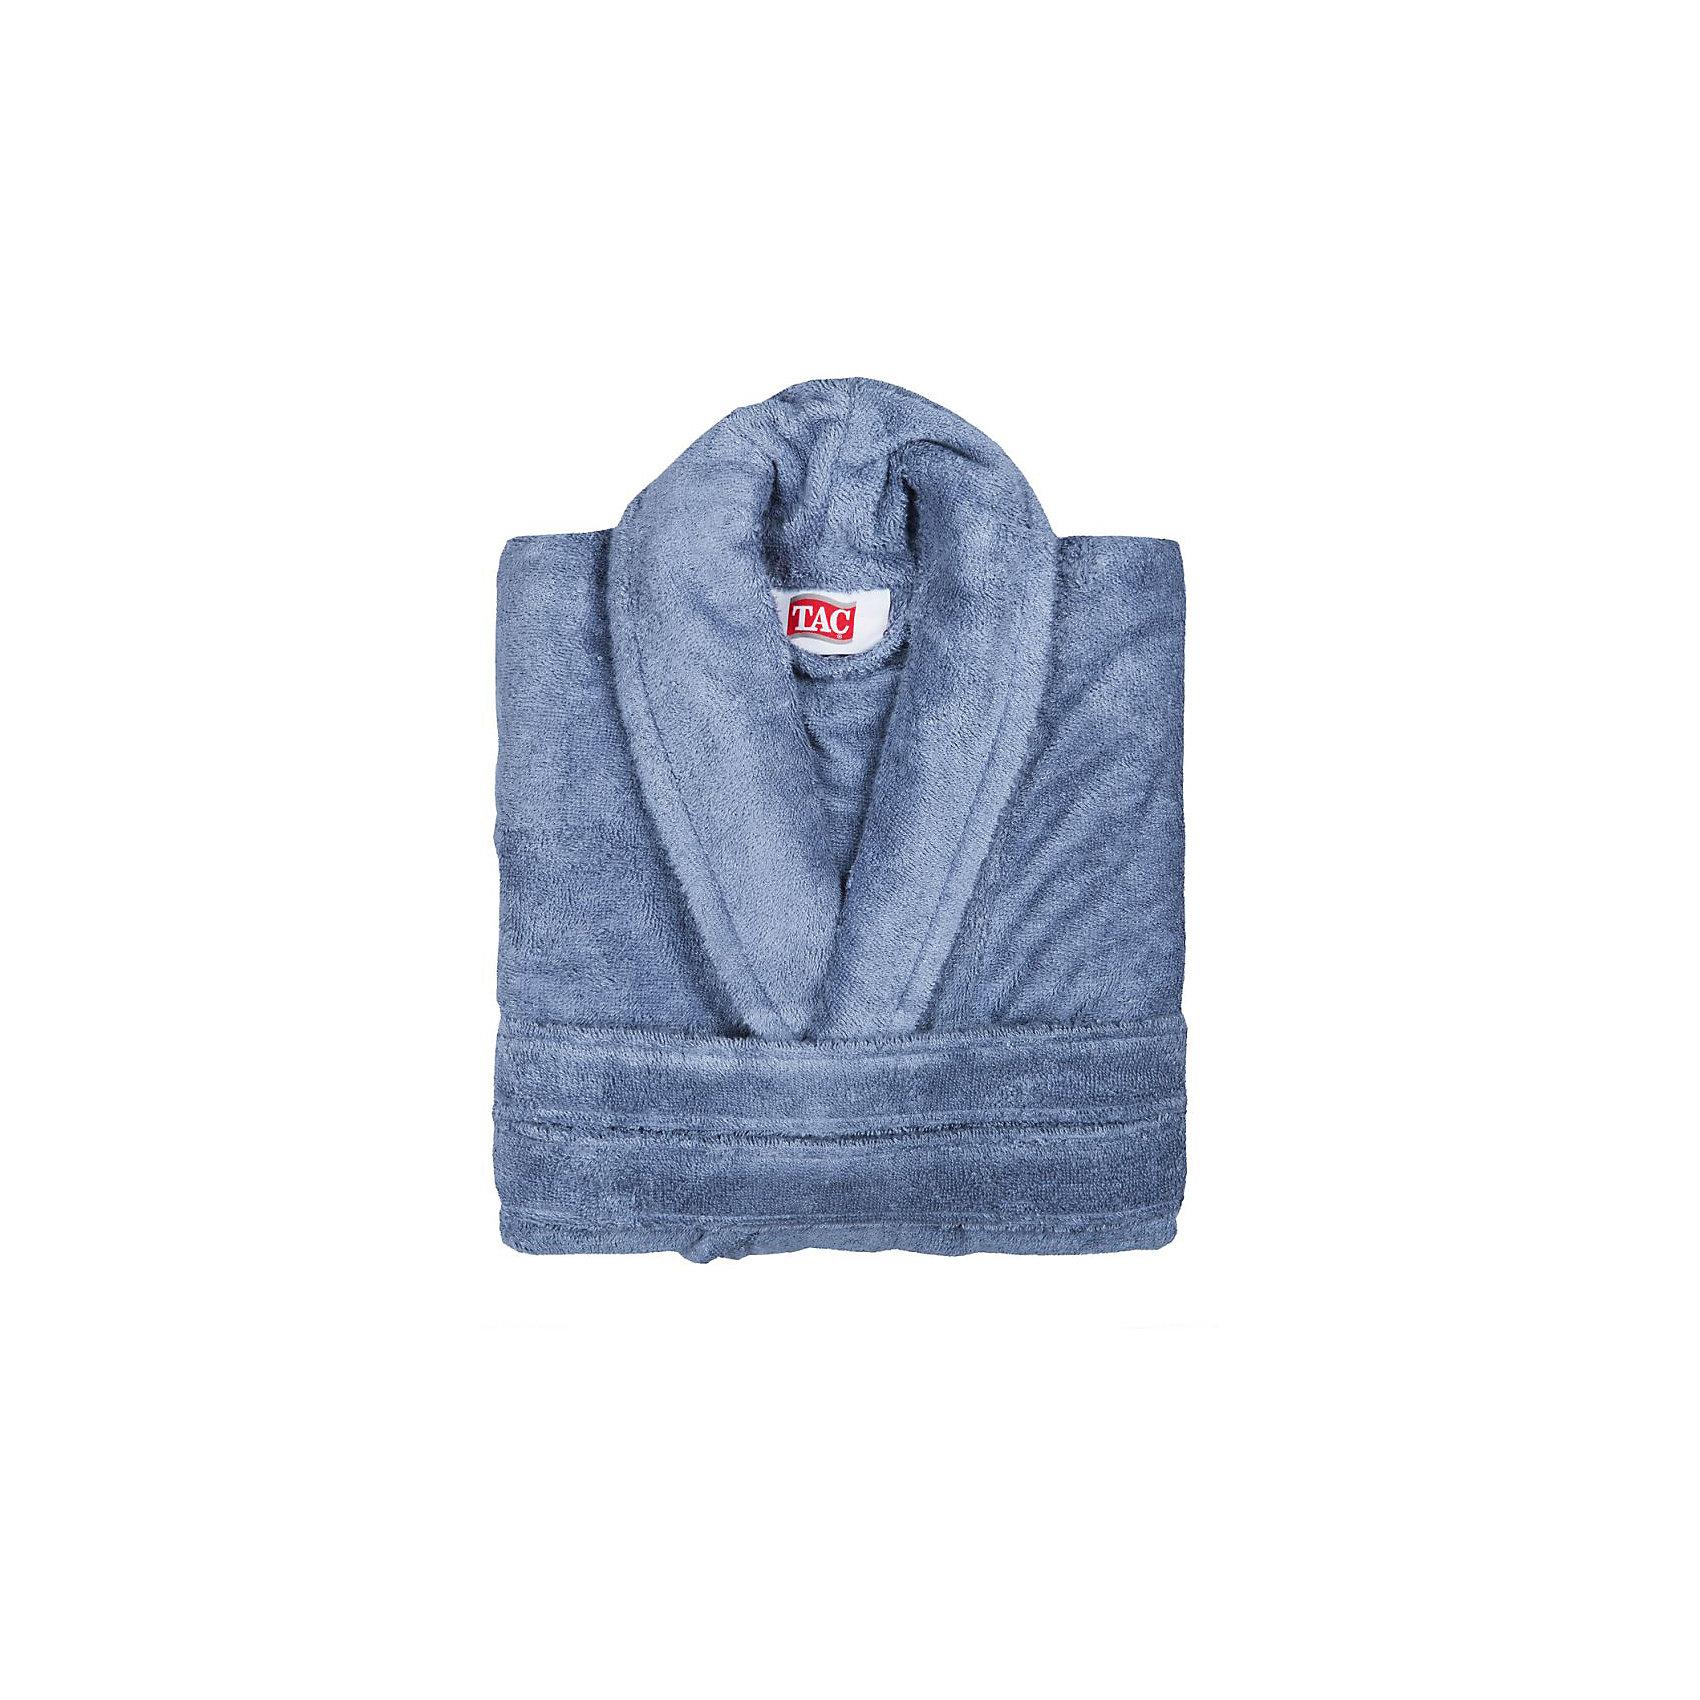 Халат махровый Maison Bambu, S/M, TAC, синий (k.mavi)Характеристики:<br><br>• Вид домашнего текстиля: махровый халат<br>• Размер: S/M<br>• Пол: унисекс<br>• Рисунок: без рисунка<br>• Материал: хлопок, 50% хлопок; бамбук, 50%<br>• Цвет: синий<br>• Плотность полотна: 320 гр/м2 <br>• Силуэт: прямой<br>• Рукав: длинный<br>• Воротник: отложной<br>• Застежка: пояс<br>• Вес в упаковке: 1 кг 030 г<br>• Размеры упаковки (Д*Ш*В): 39*10*29 см<br>• Особенности ухода: машинная стирка <br><br>Халат махровый Maison Bambu, S/M, TAC, синий (k.mavi) от наиболее популярного бренда на отечественном рынке среди производителей комплектов постельного белья и текстильных принадлежностей, выпуском которого занимается производственная компания, являющаяся частью мирового холдинга Zorlu Holding Textiles Group. Халат выполнен из сочетания натурального хлопка и бамбукового волокна, что обеспечивает гипоаллергенность, высокую износоустойчивость, повышенные гигкоскопические и антибактериальные свойства изделия. Благодаря высокой степени плотности махры, халат отлично впитывает влагу, но при этом остается мягким. <br><br>Ворс окрашен стойкими нетоксичными красителями, который не оставляет запаха и обеспечивает ровный окрас. Изделие сохраняет свой цвет и форму даже при частых стирках. Халат прямого кроя с длинными рукавами и отложным воротником идеально подходит для посещения бани или сауны, а в прохладные вечера обеспечит комфорт и уют своему владельцу. Выполнен в лиловом цвете без рисунка.<br><br>Халат махровый Maison Bambu, S/M, TAC, синий (k.mavi) можно купить в нашем интернет-магазине.<br><br>Ширина мм: 290<br>Глубина мм: 90<br>Высота мм: 400<br>Вес г: 1300<br>Возраст от месяцев: 216<br>Возраст до месяцев: 1188<br>Пол: Унисекс<br>Возраст: Детский<br>SKU: 5476353